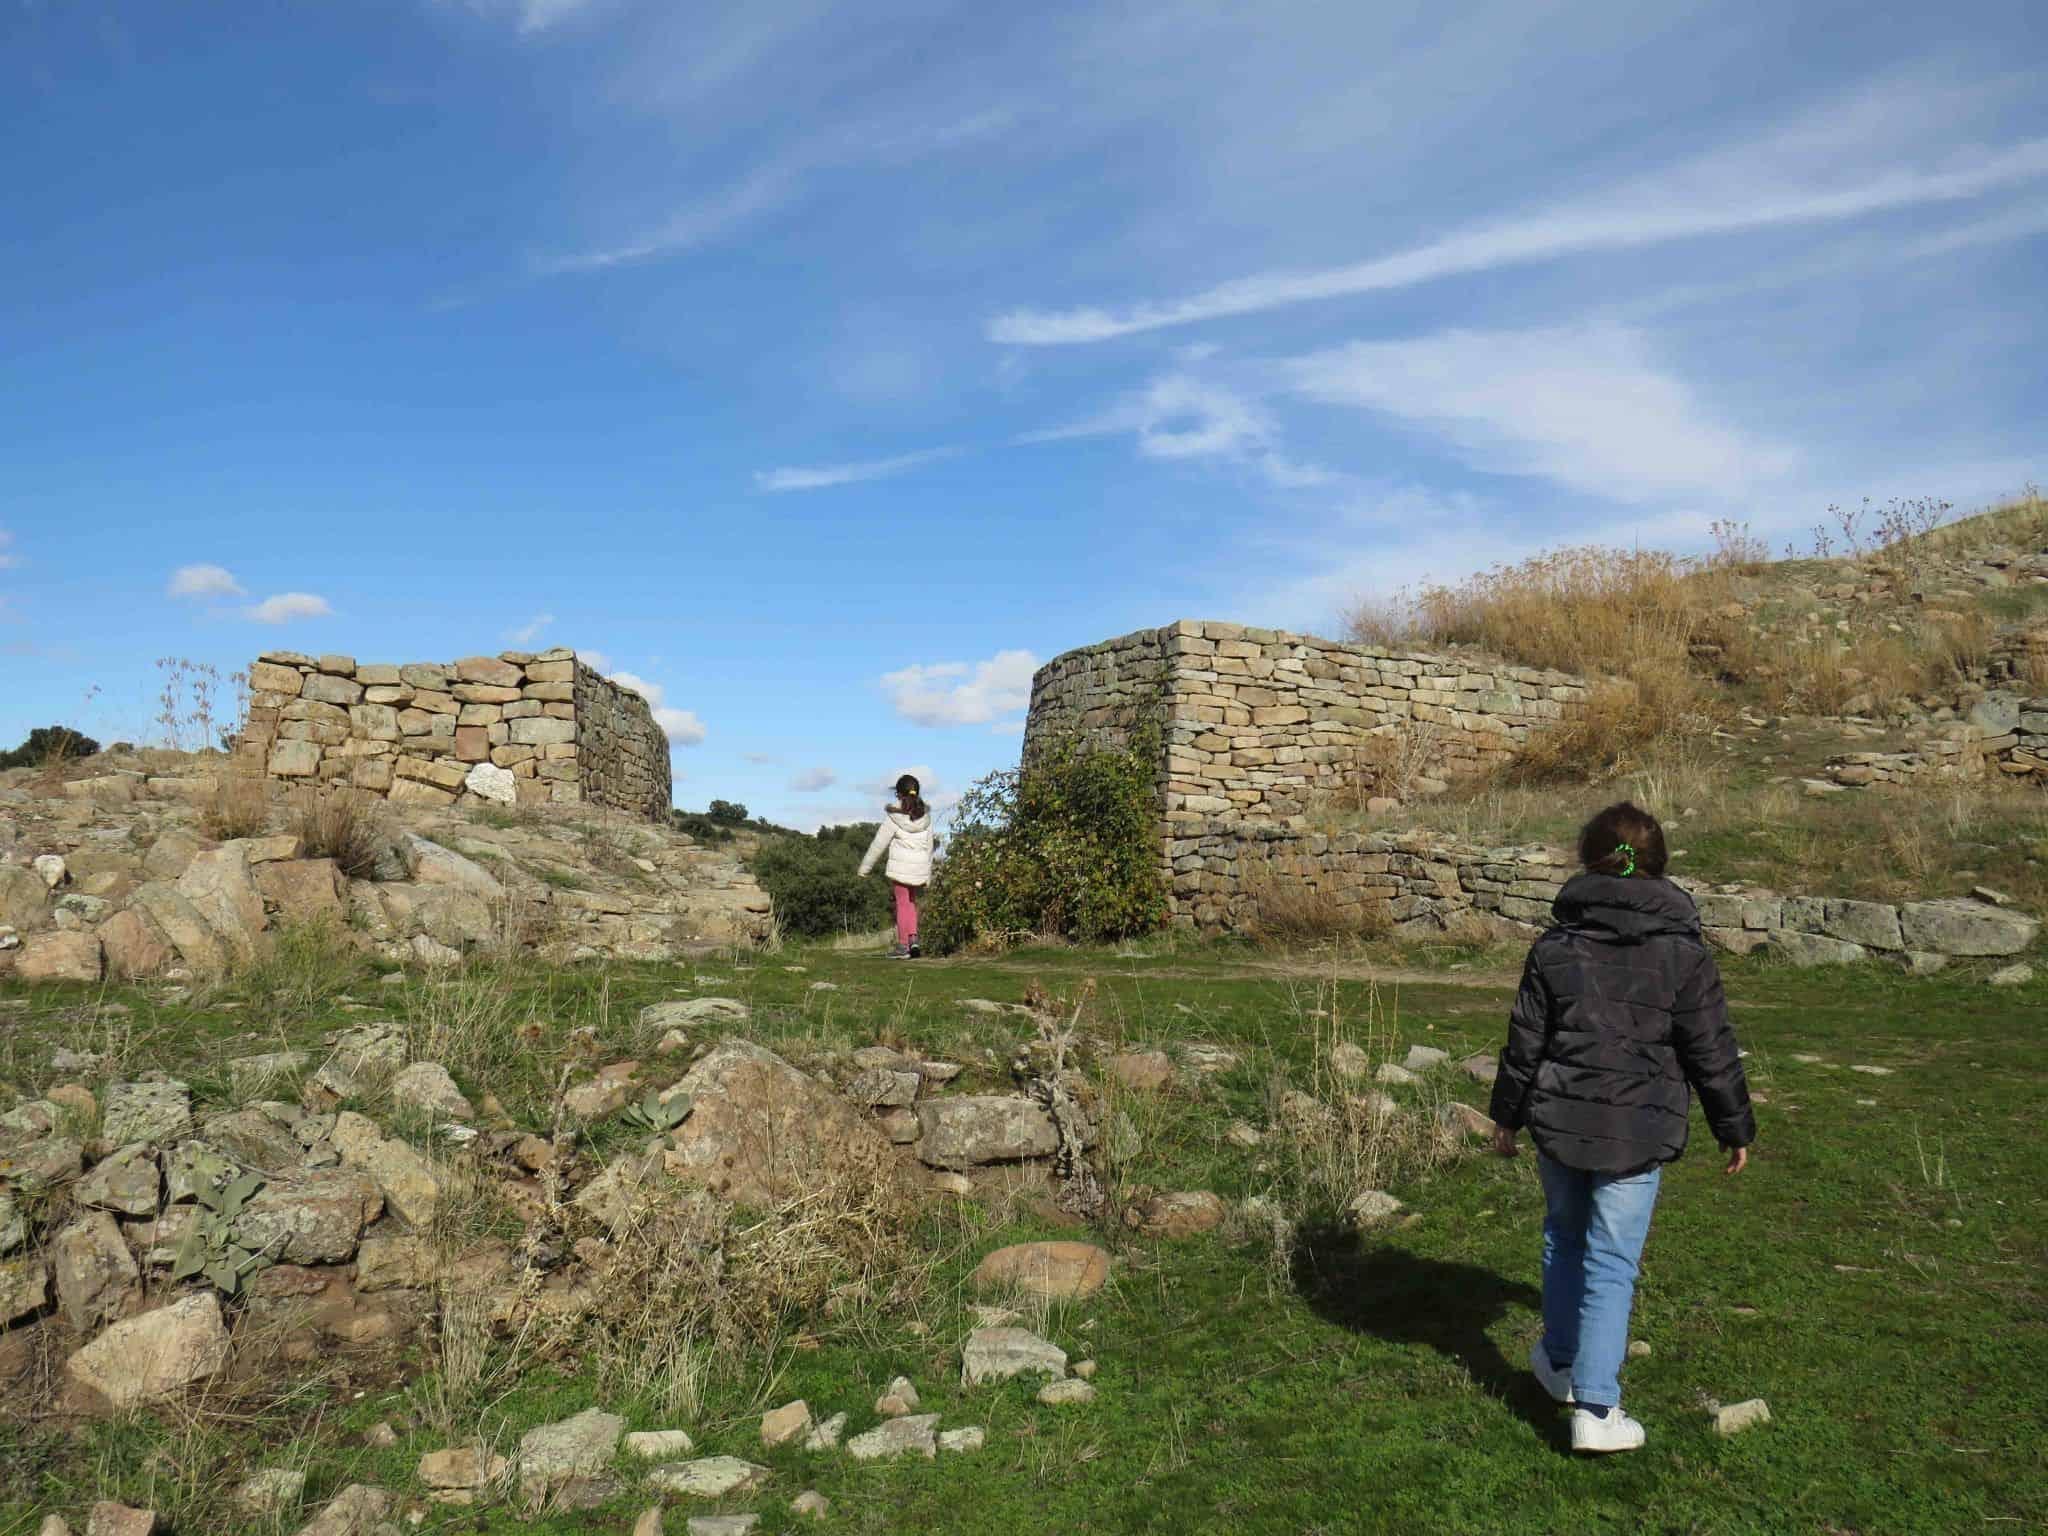 Visita el Castro de las Cogotas en Ávila